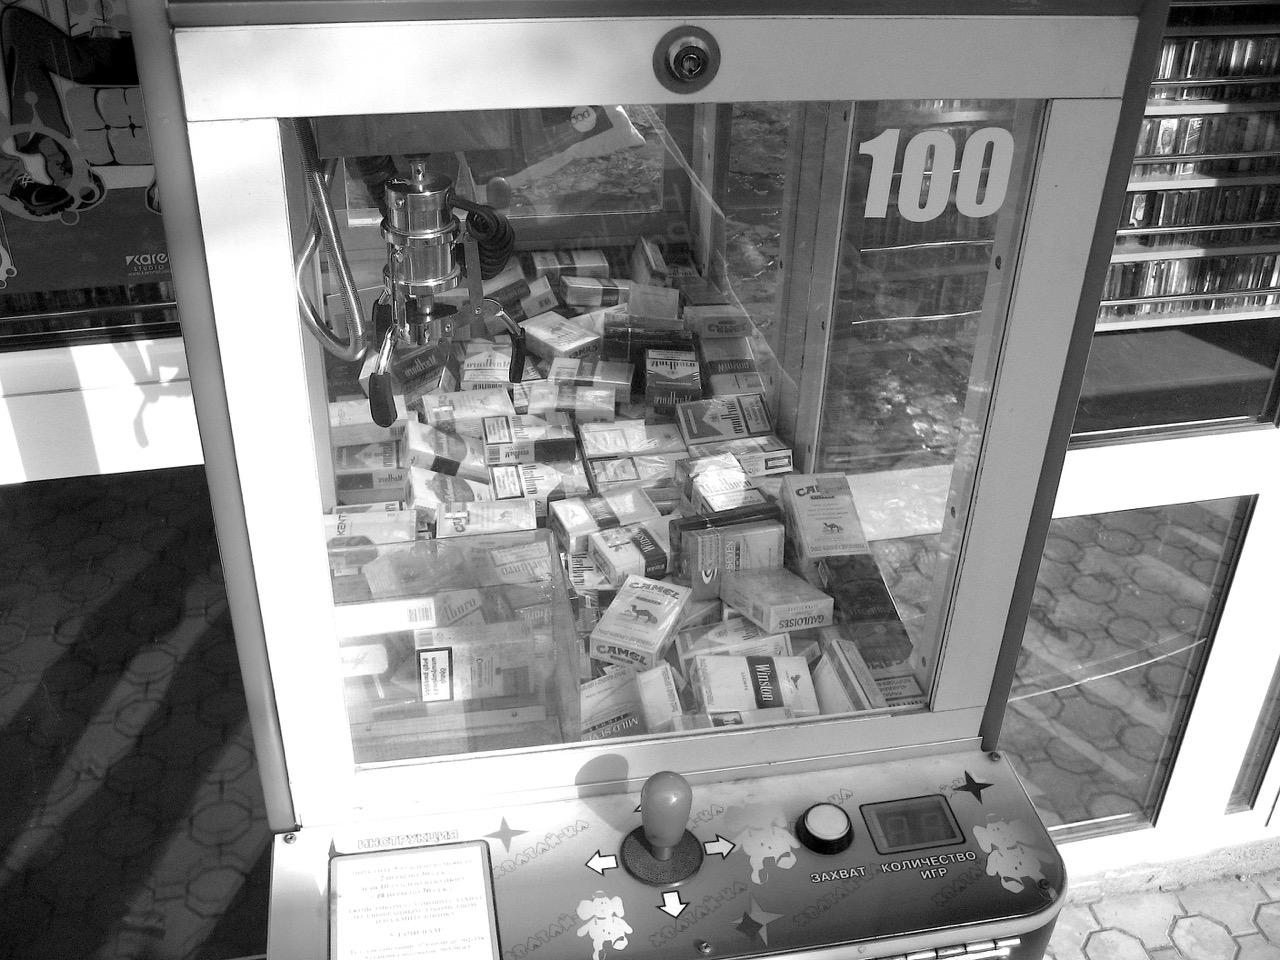 Foto: Zigaretten aus Spielautomaten. Aus: Eriwan. Kapitel 2. Aufzeichnungen aus Armenien von Marc Degens.